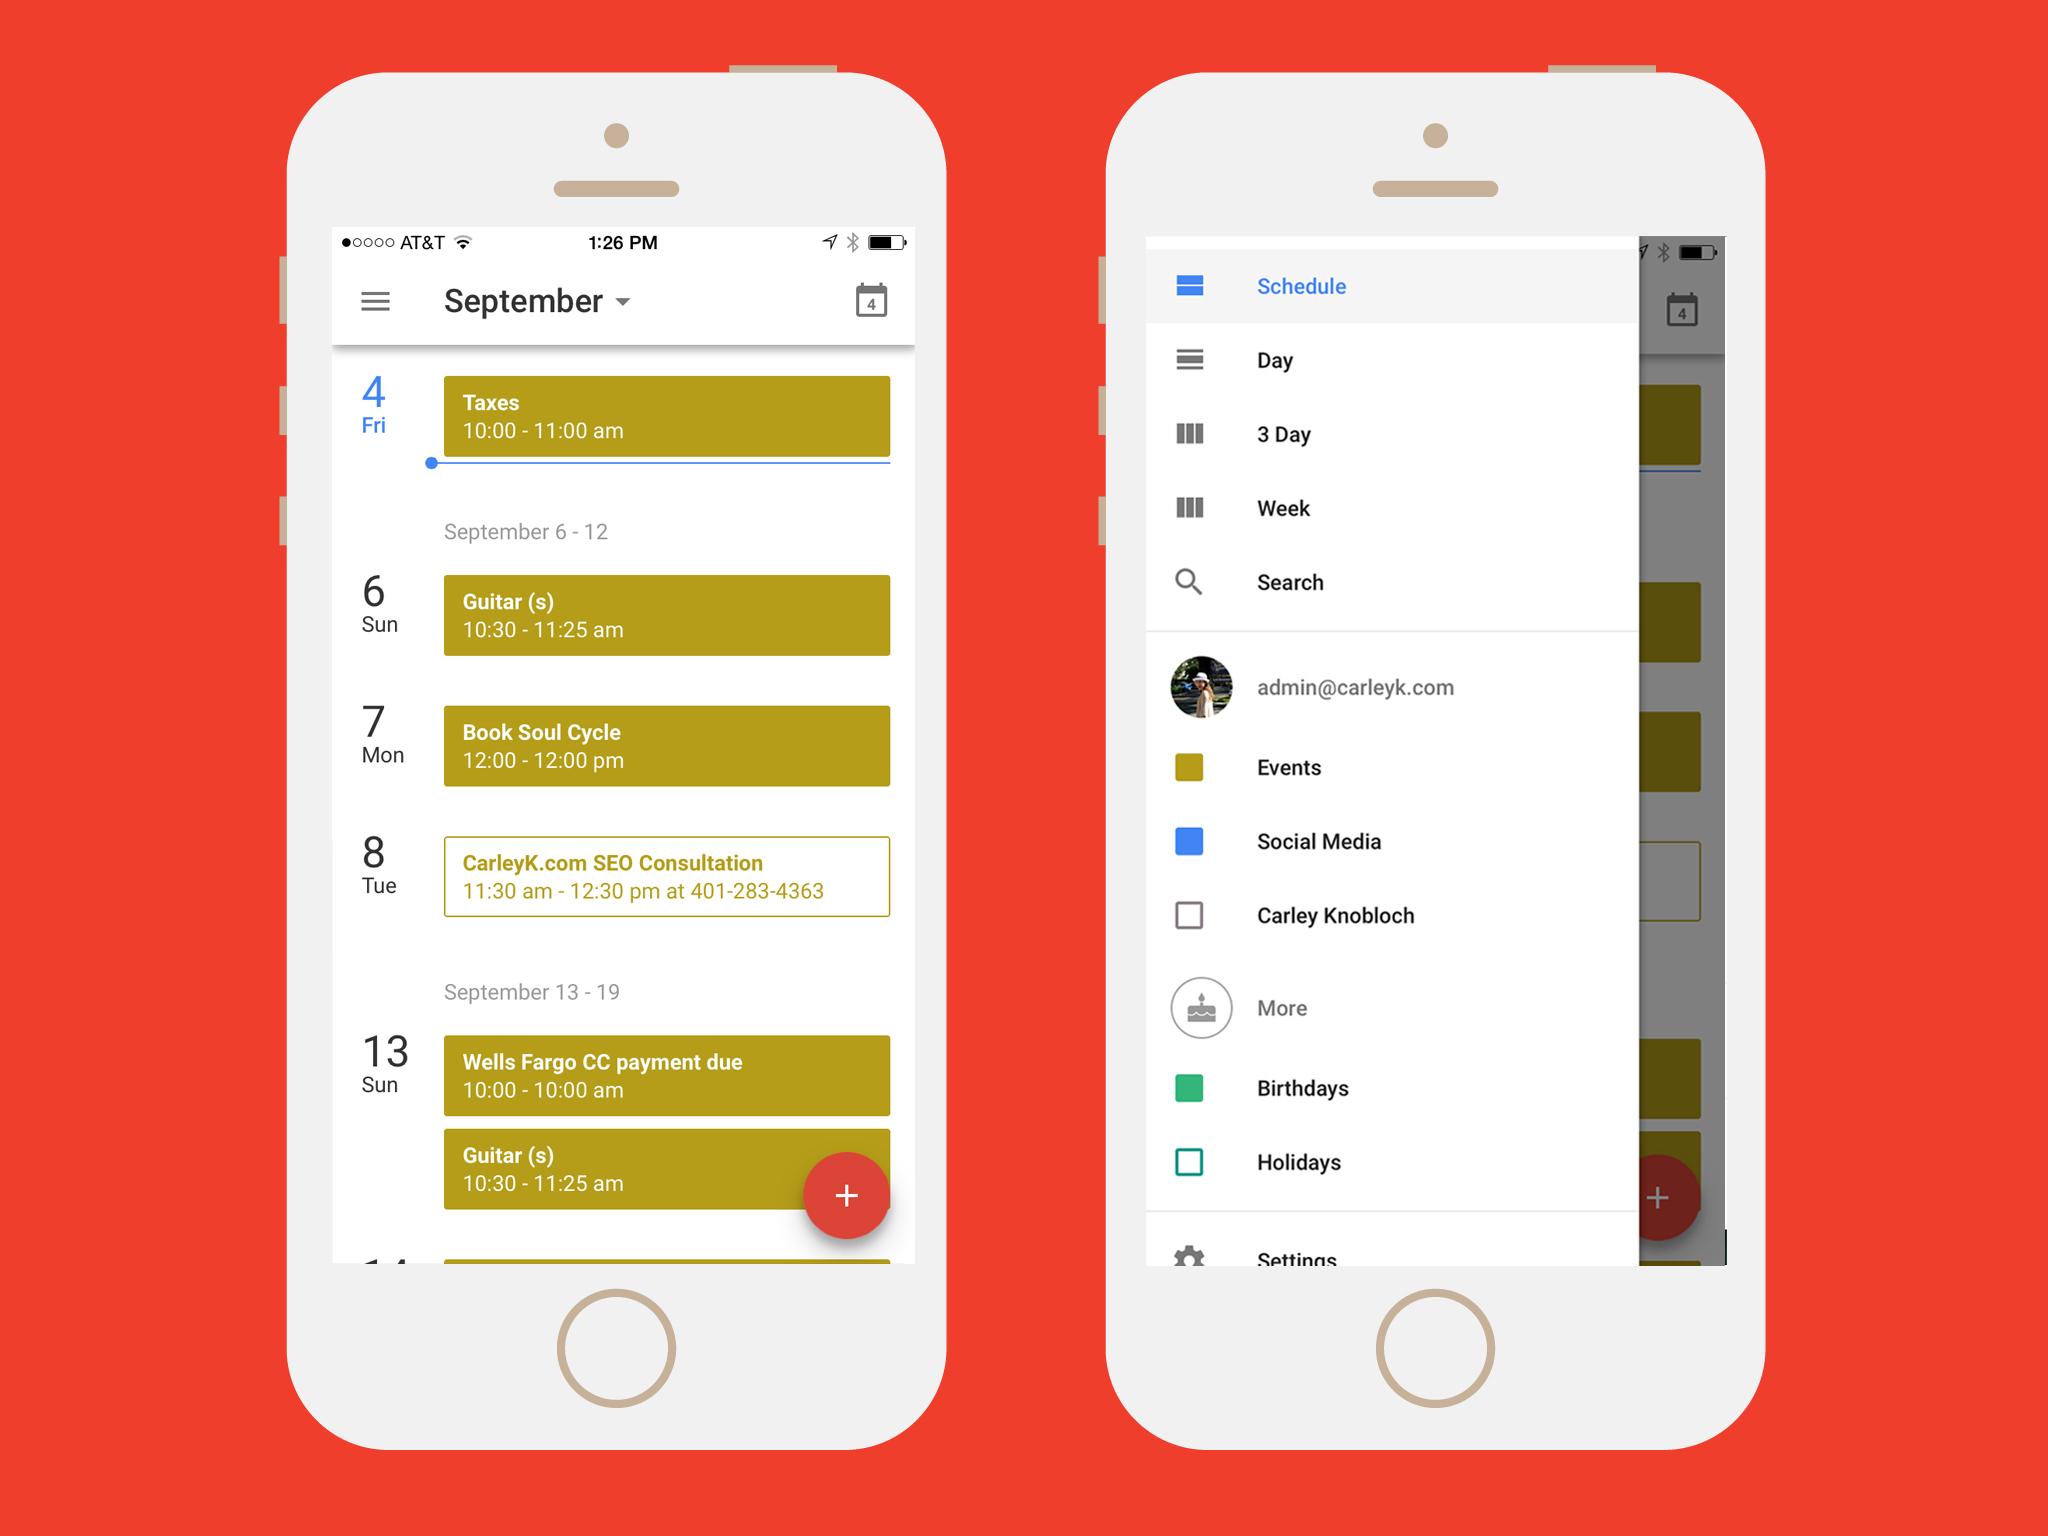 calendar apps: google